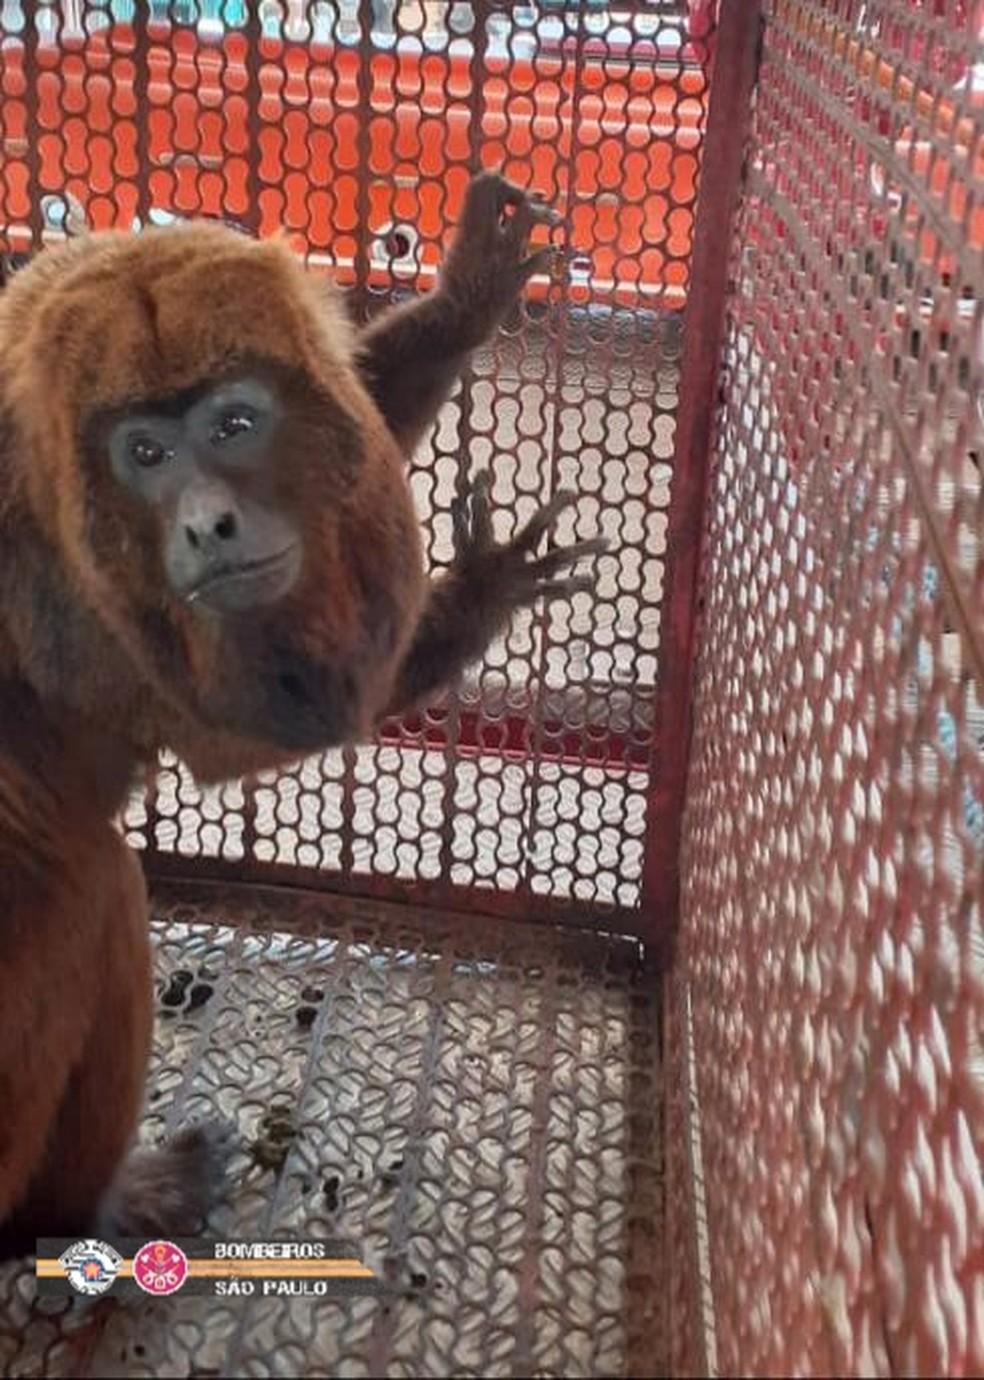 Macaco é capturado por bombeiros após entrar em restaurante em Campos do Jordão — Foto: Divulgação/ Corpo de Bombeiros